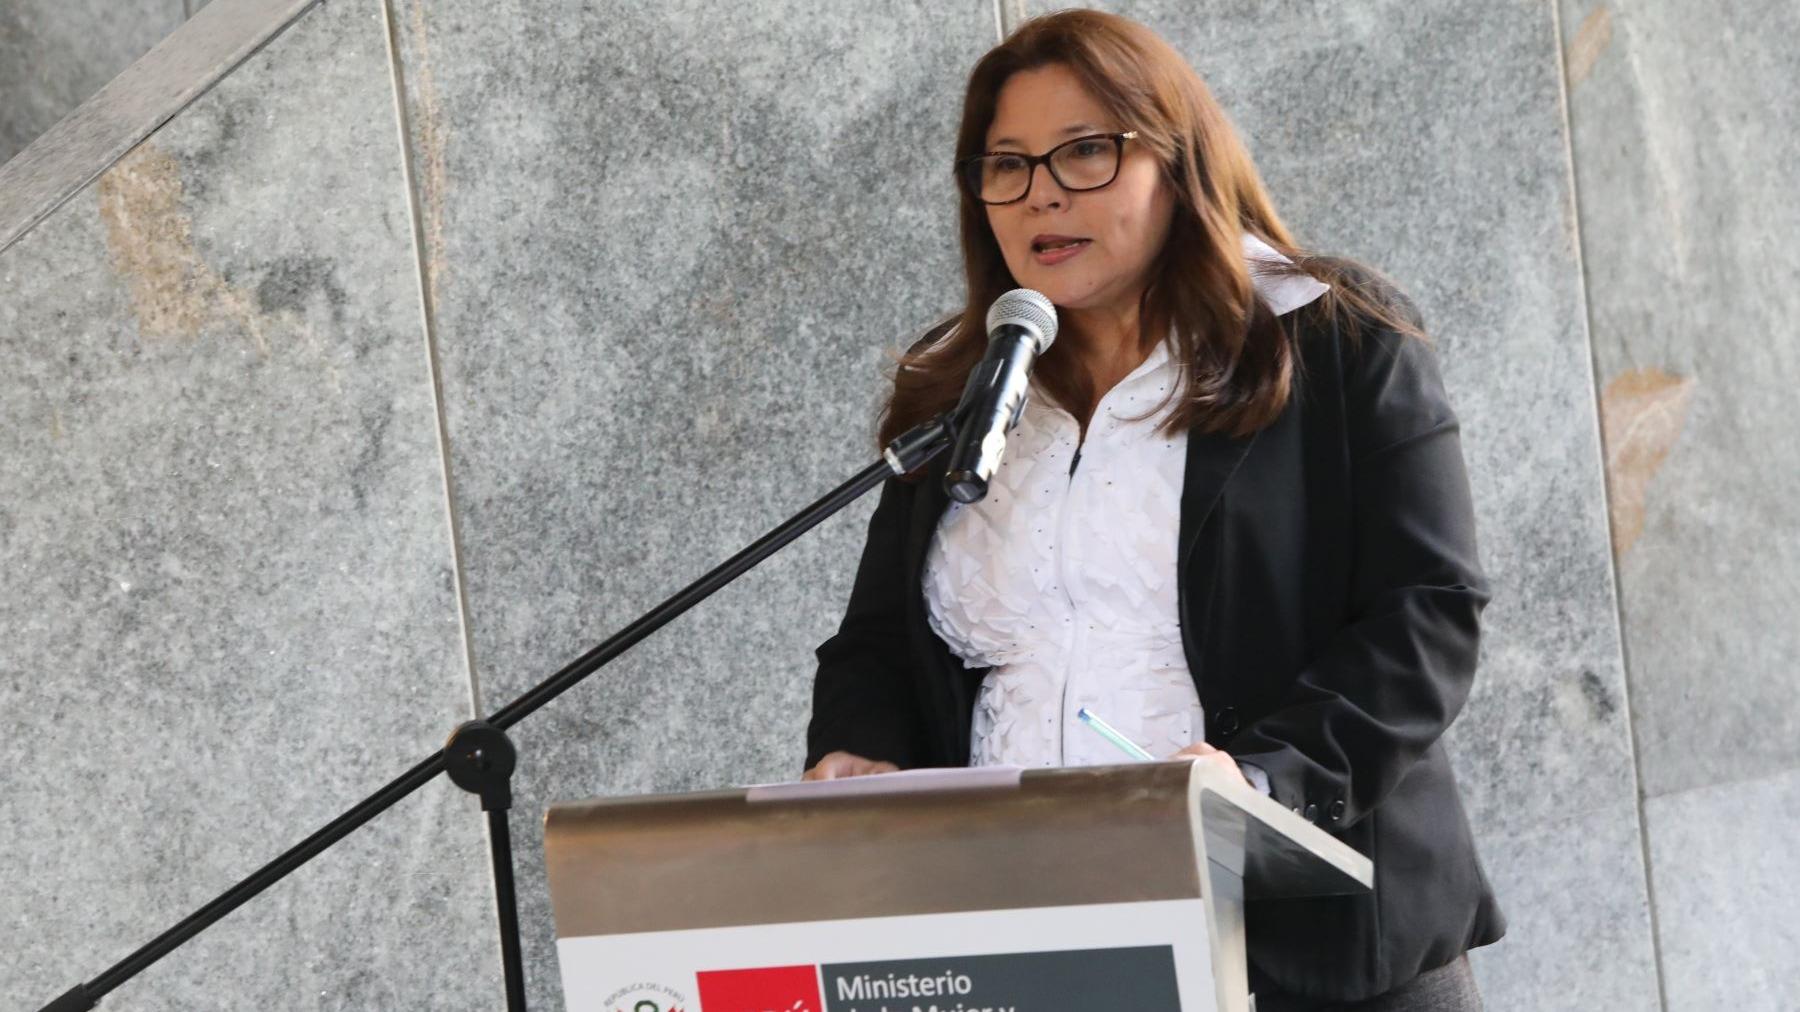 El martes Carlos Javier Hualpa Vacas le roció gasolina y luego le prendió fuego a Eyvi Liset Agreda en un bus en Miraflores.